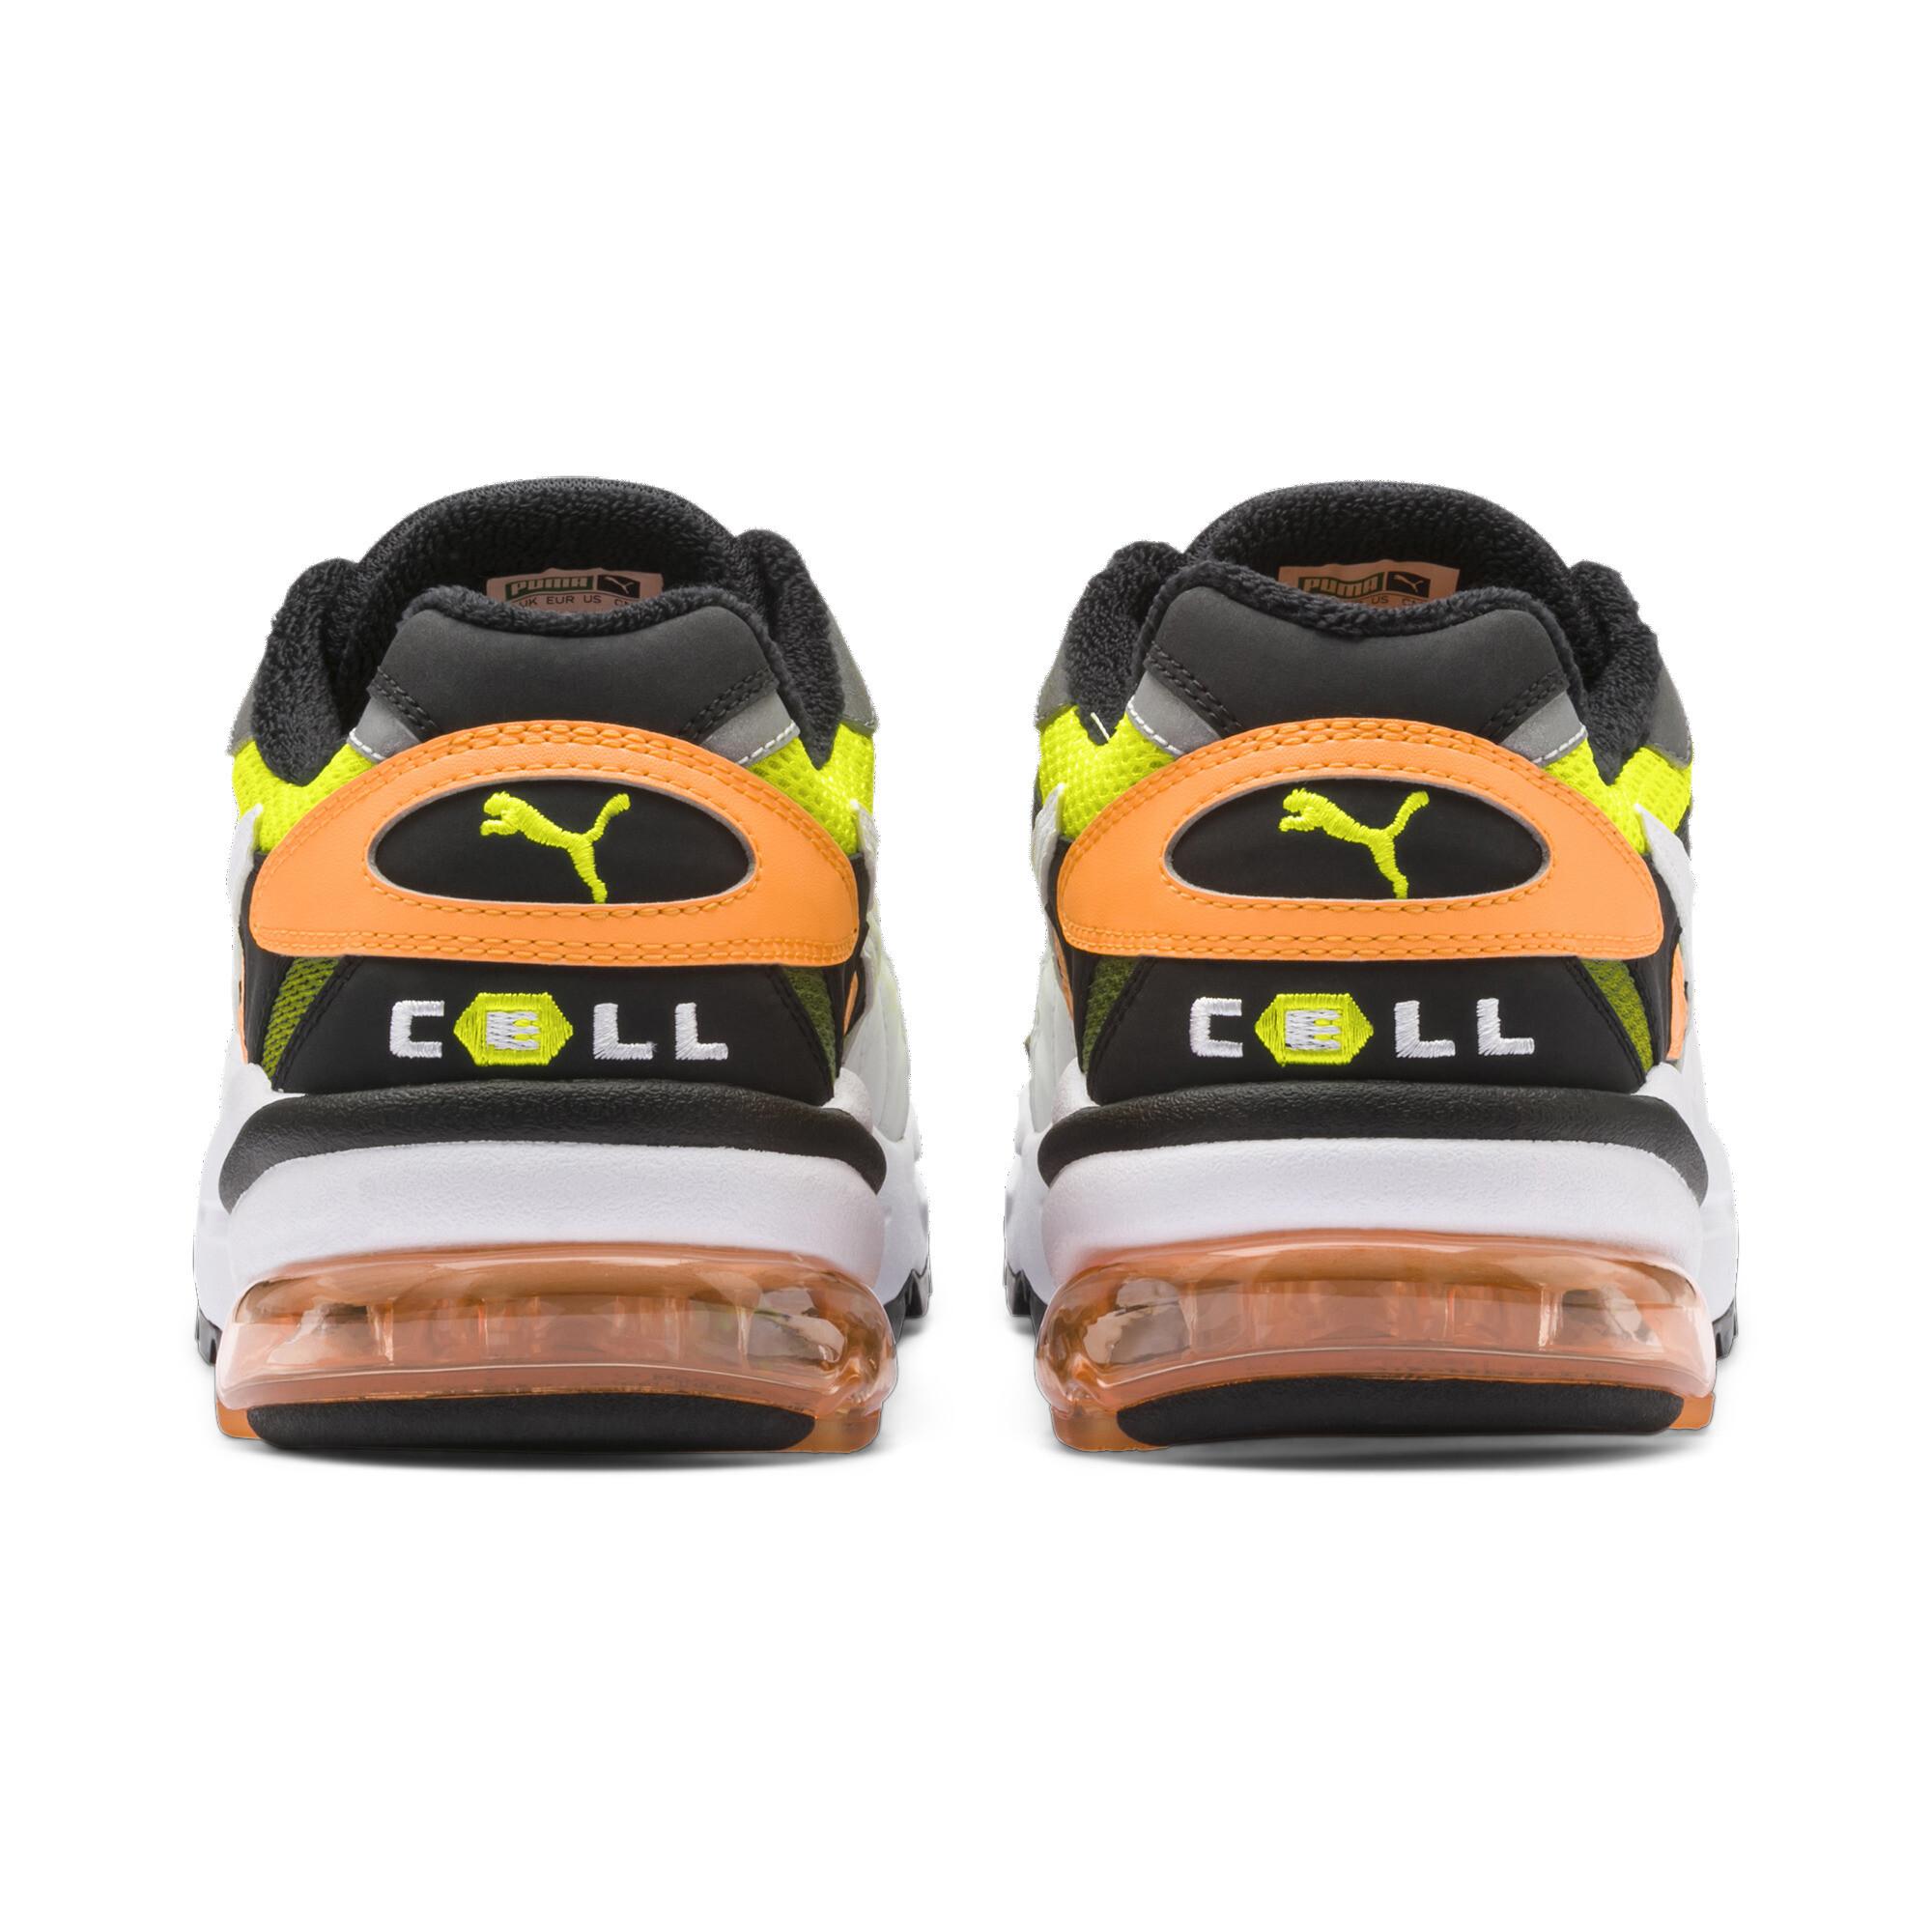 PUMA-CELL-Alien-OG-Men-039-s-Sneakers-Men-Shoe-Sport-Classics thumbnail 7